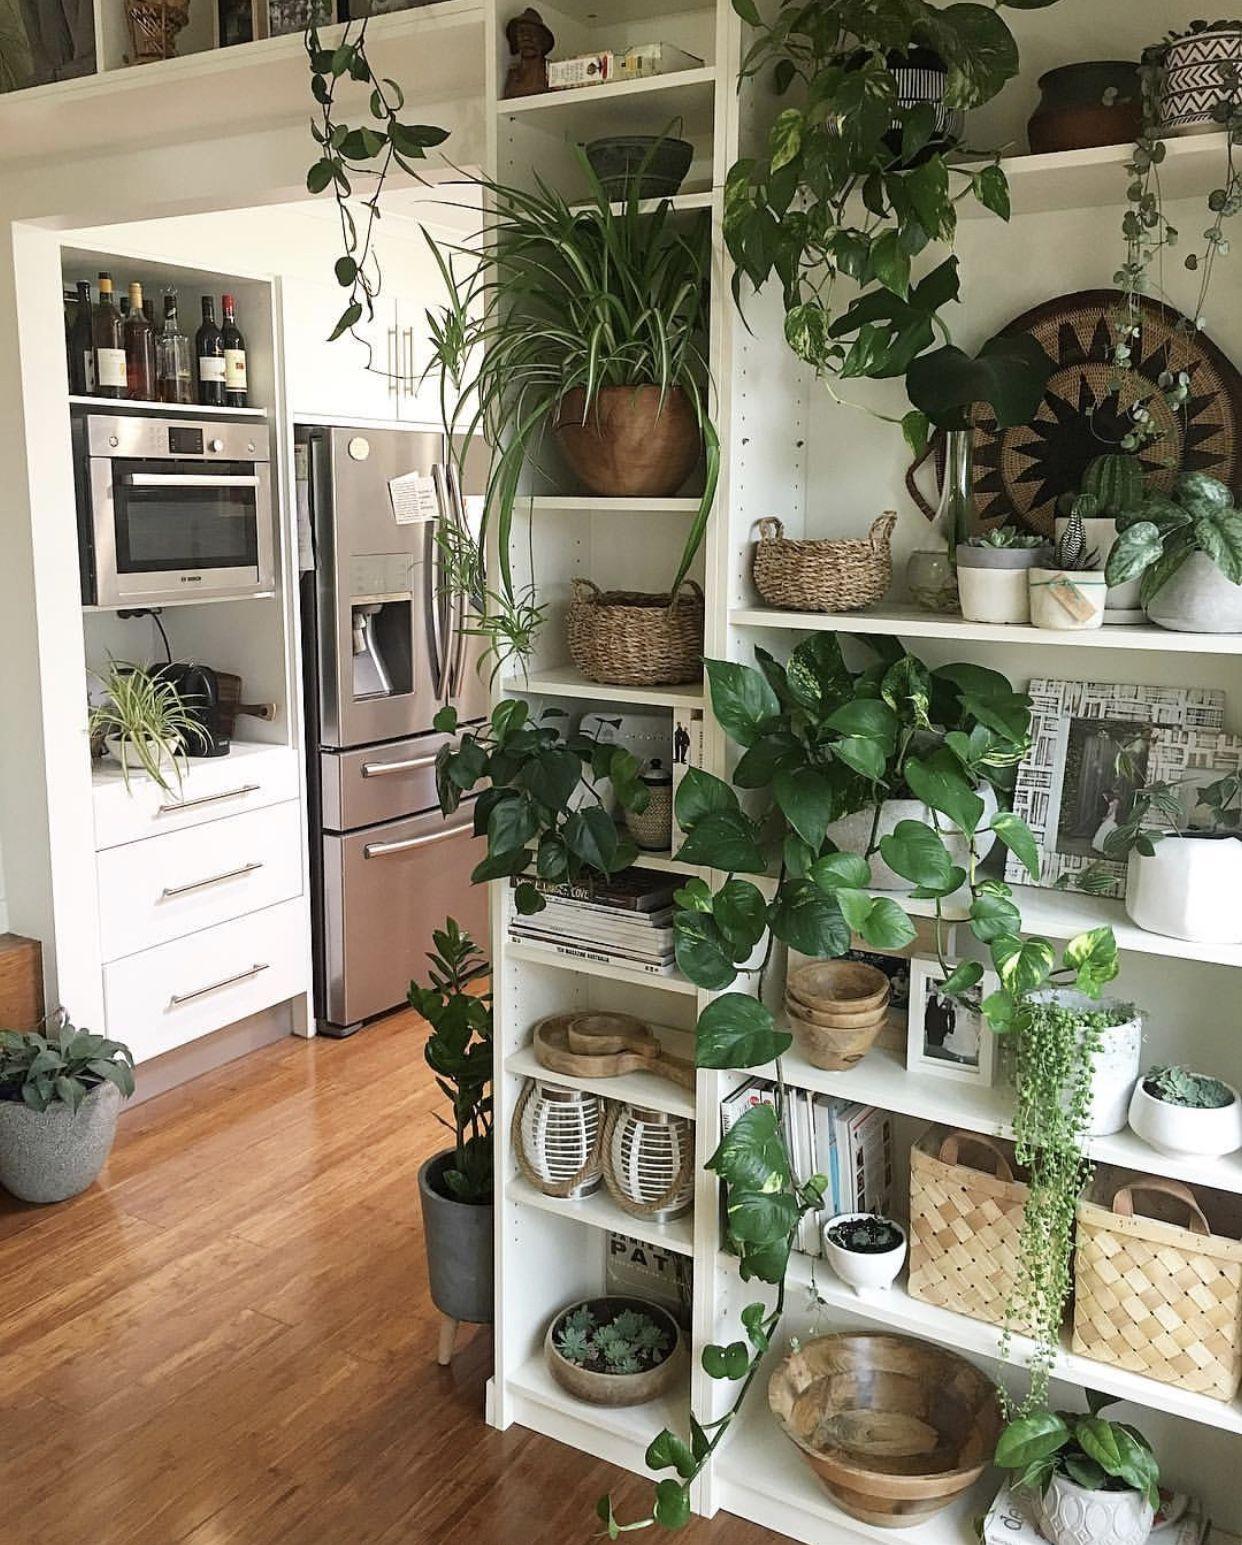 Pin Von Coolste Socke Auf Zimmer Kuchenpflanzen Pflanzenwand